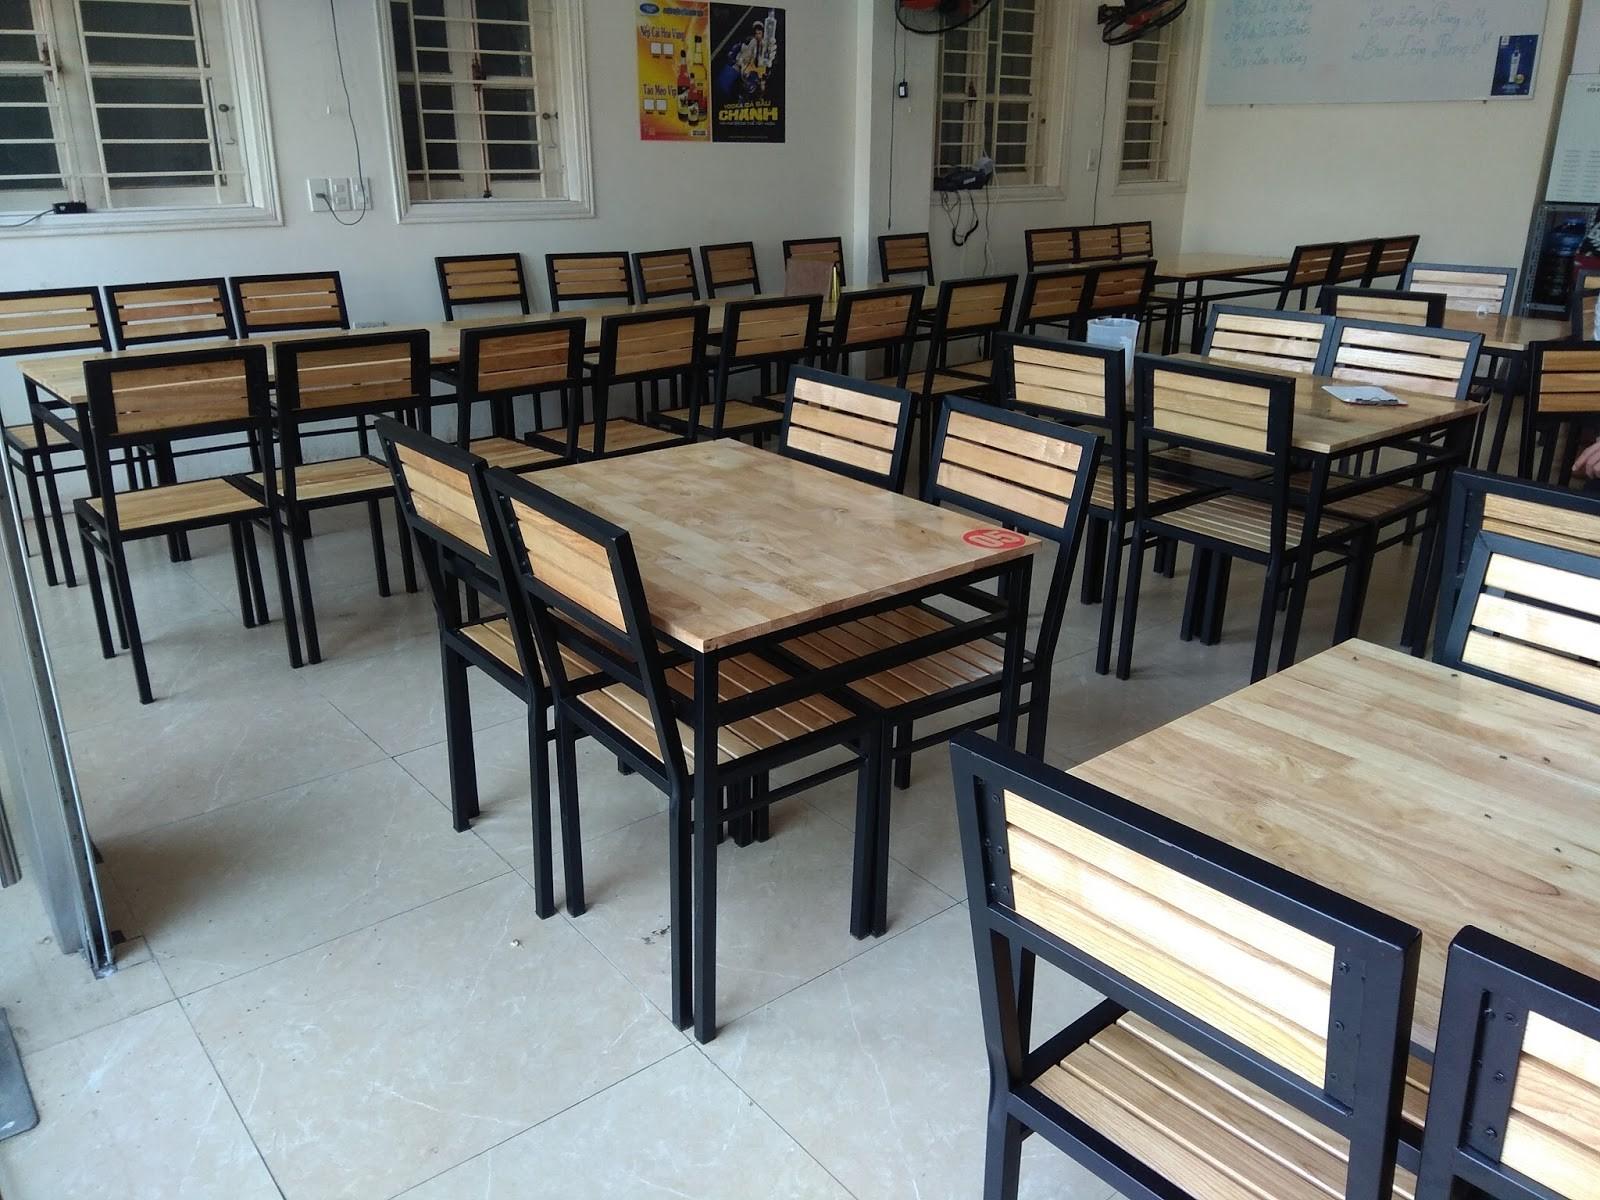 thu mua ban ghe quan an1 - Dịch vụ thu mua bàn ghế quán ăn tại Hà Nội